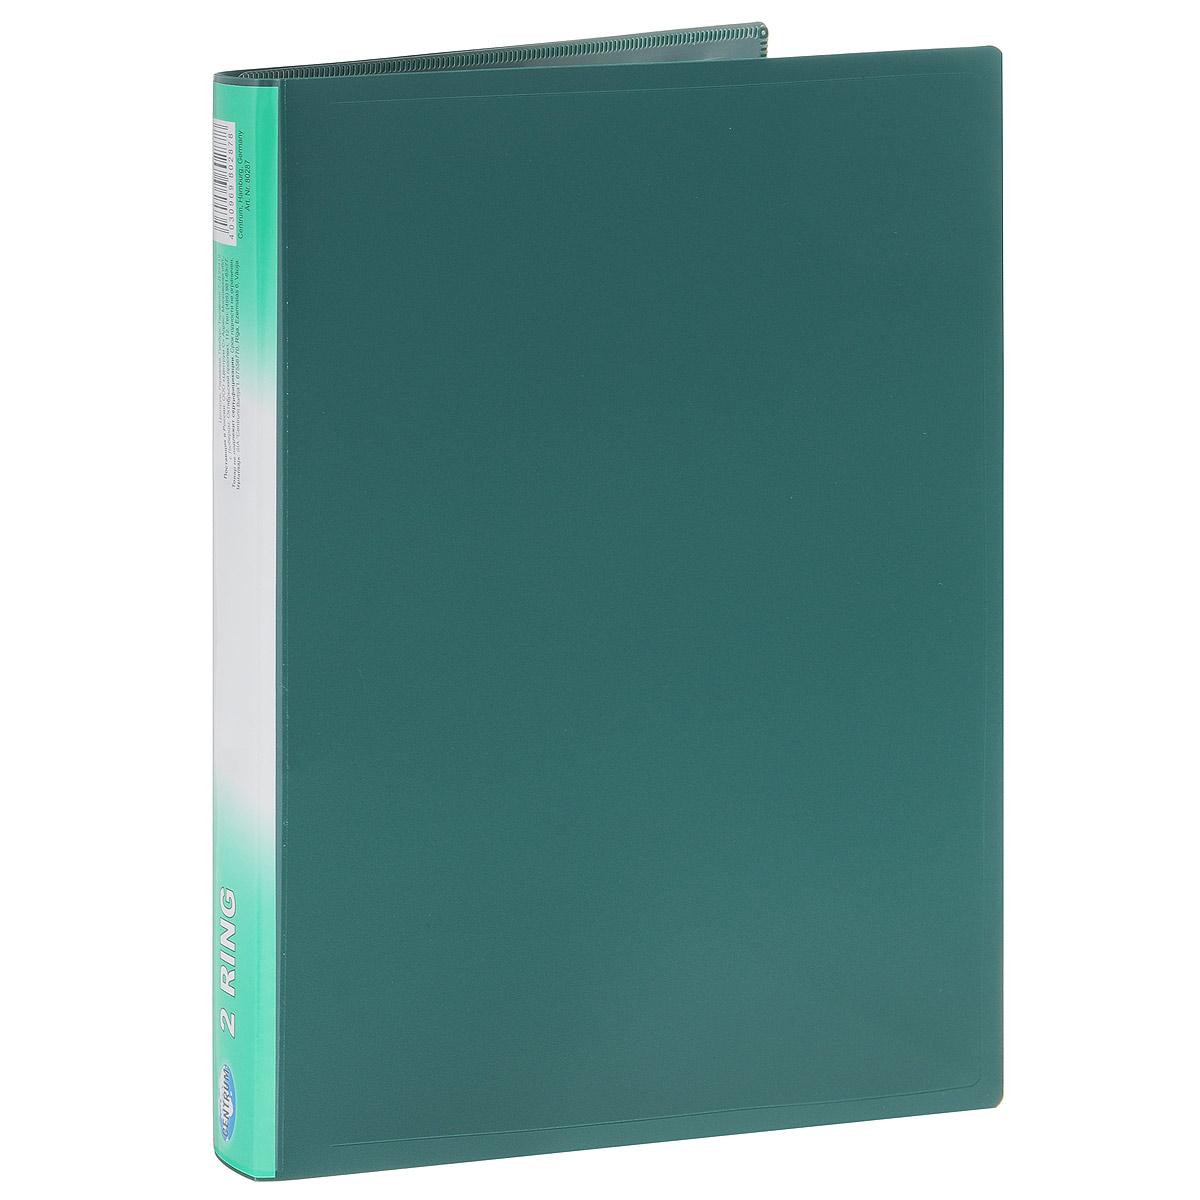 Centrum Папка на двух кольцах цвет зеленый 80287зеленый